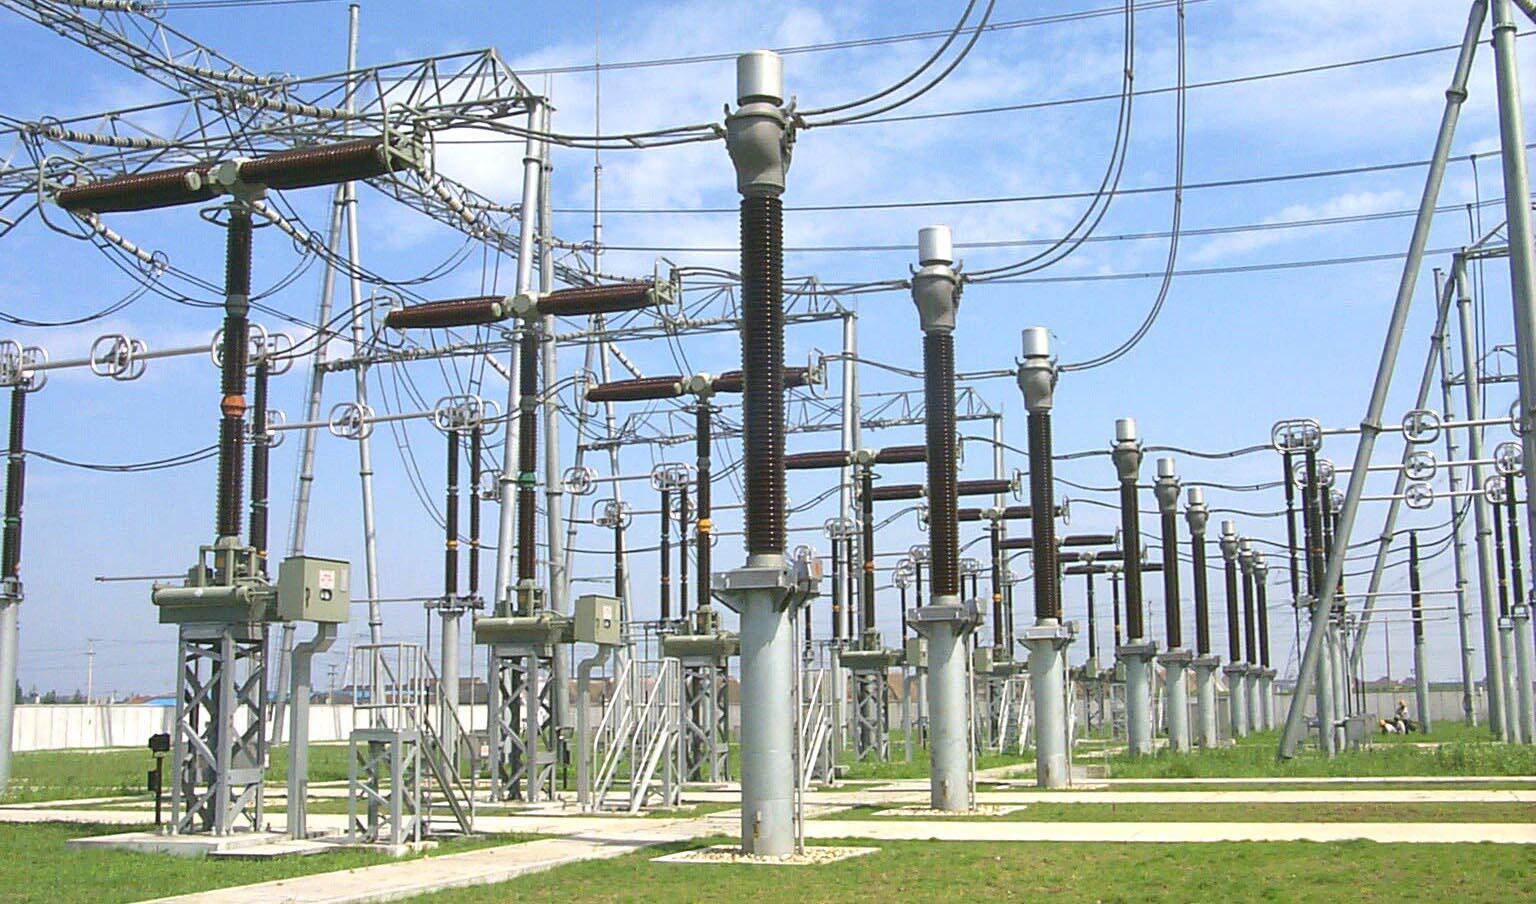 آغاز اجرای طرح اتصال شبکه برق ایران و روسیه از ابتدای فصل پاییز